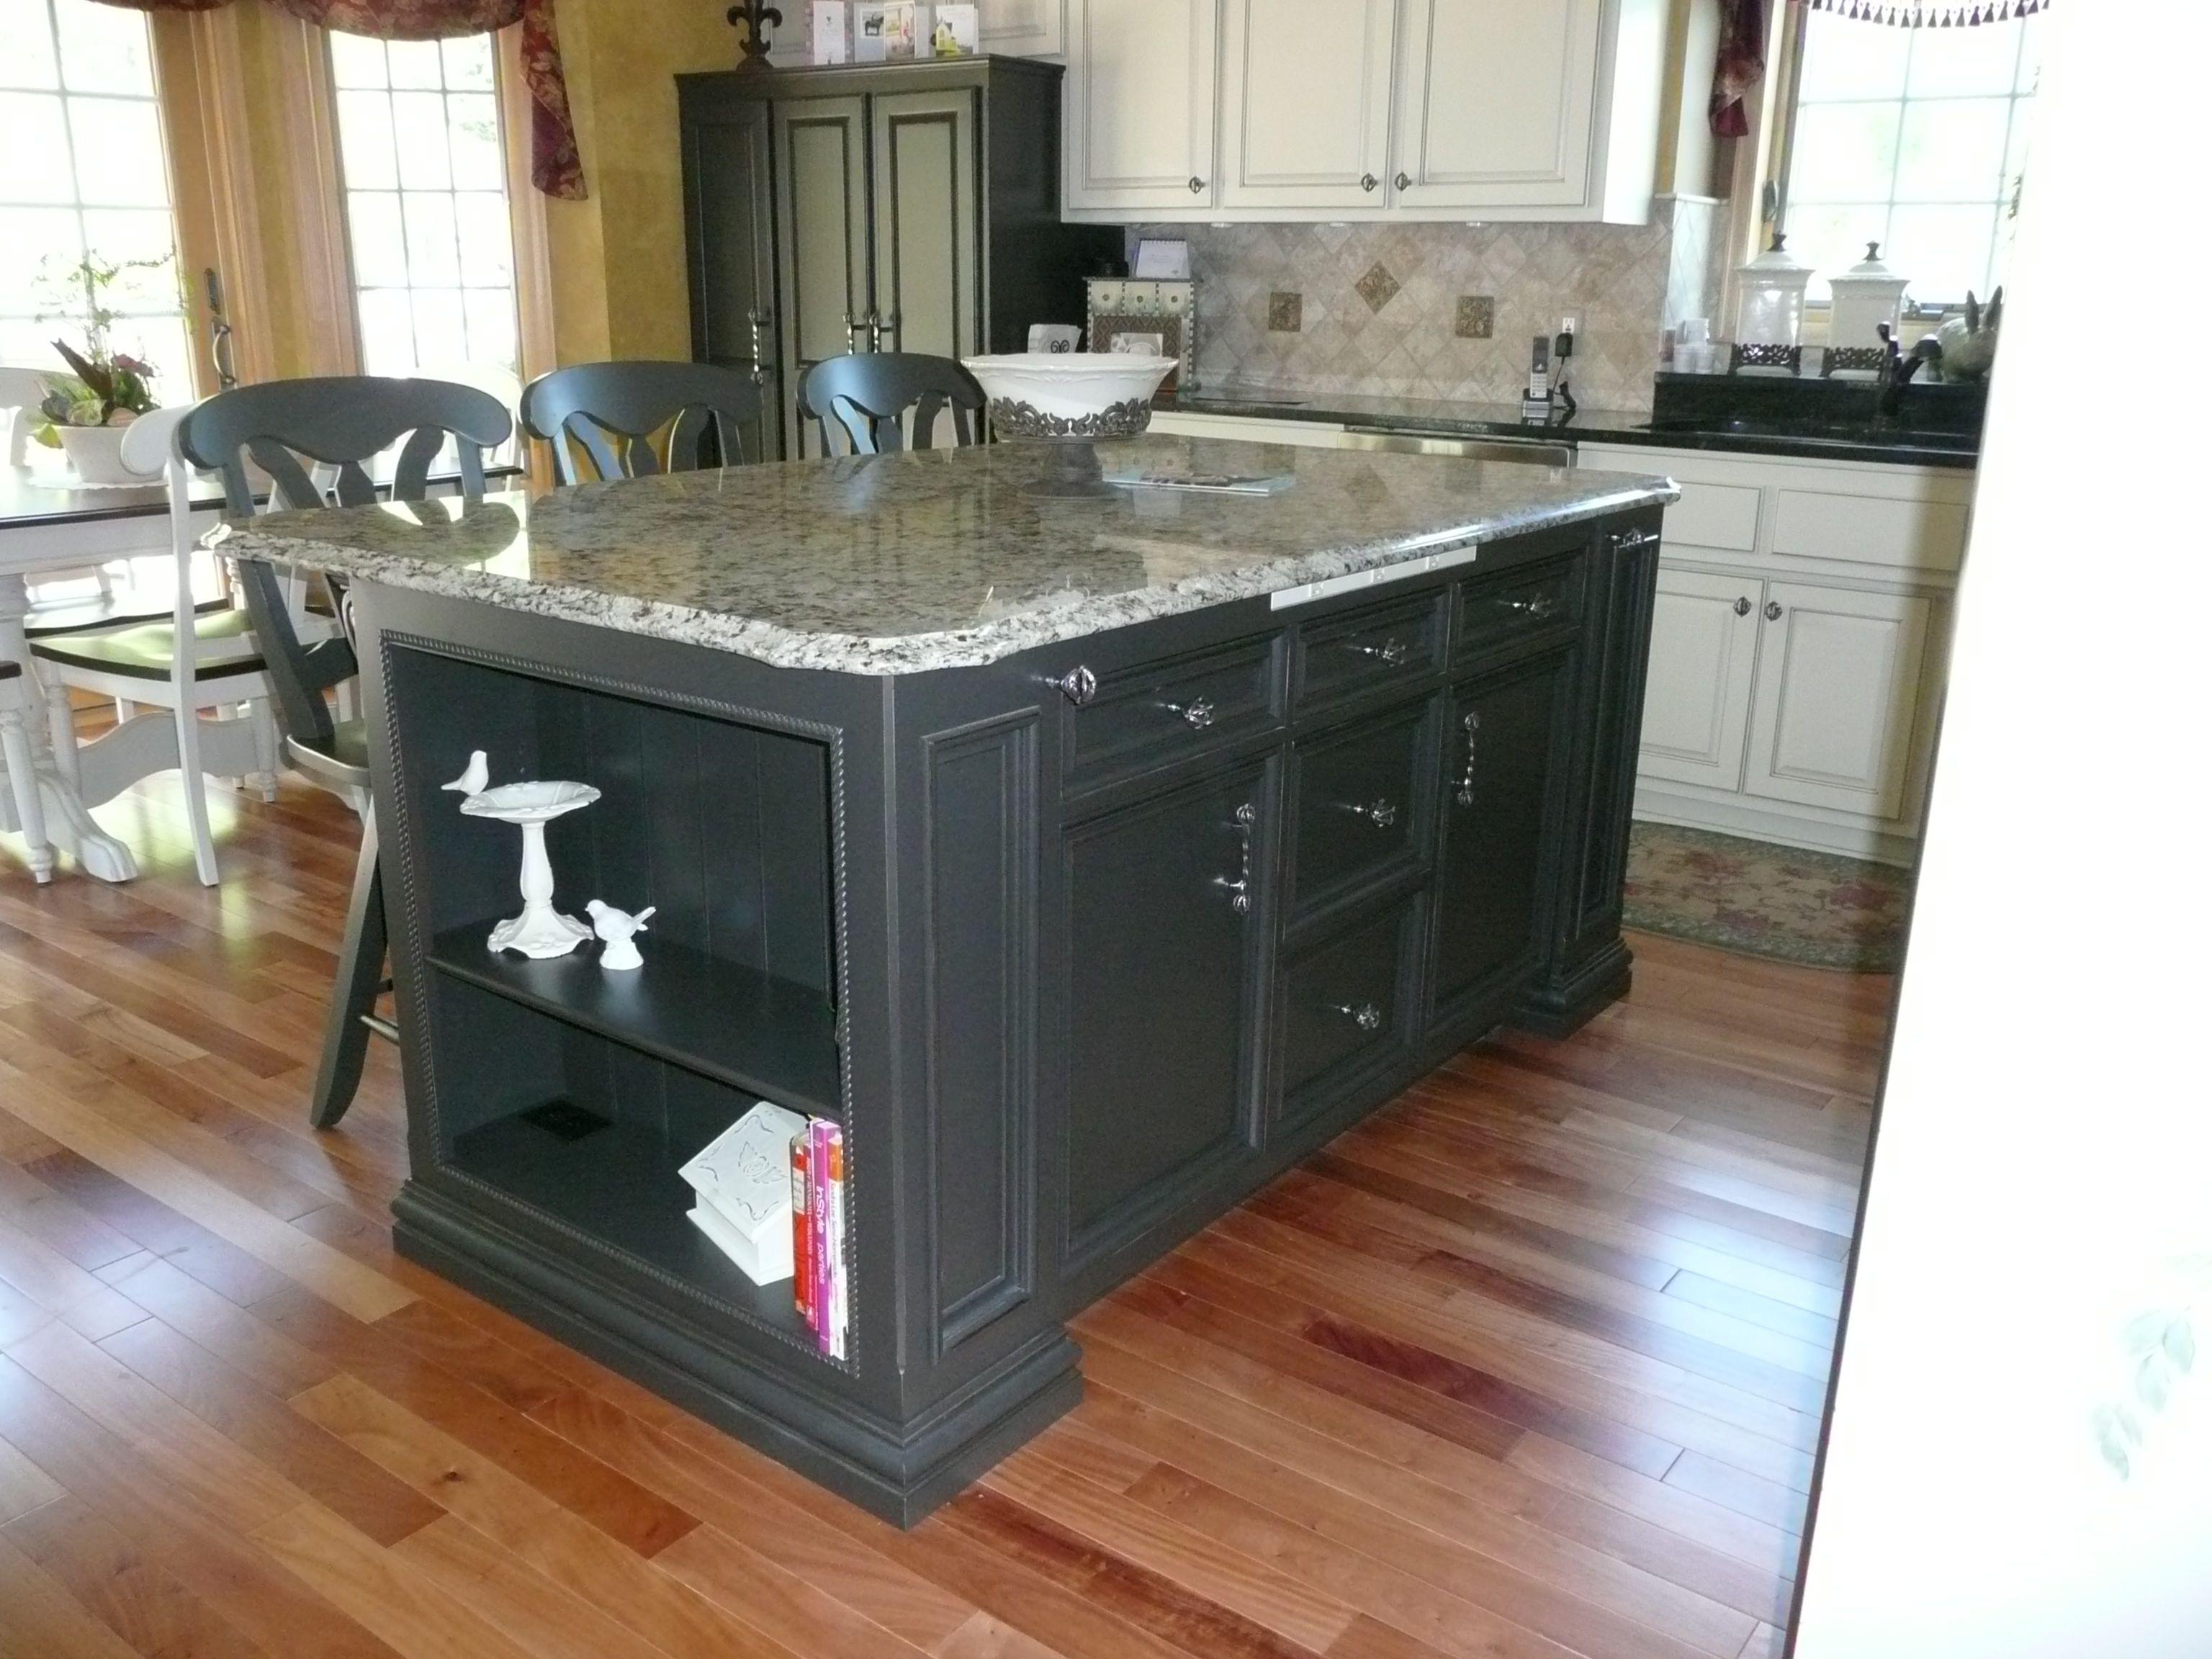 Uncategorized Center Kitchen Island kitchen with center island painted islands kitchen